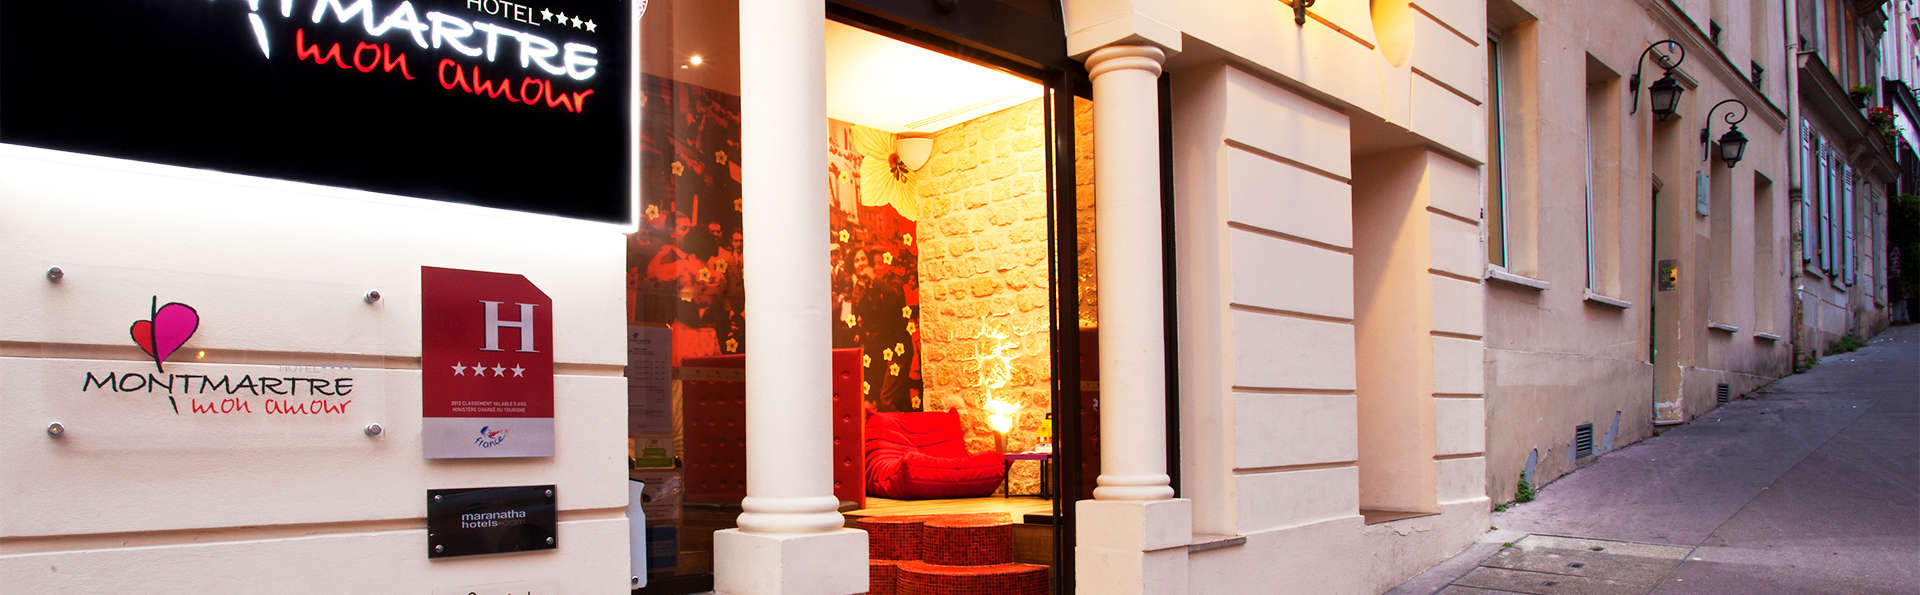 Hôtel Montmartre mon Amour - EDIT_front2.jpg